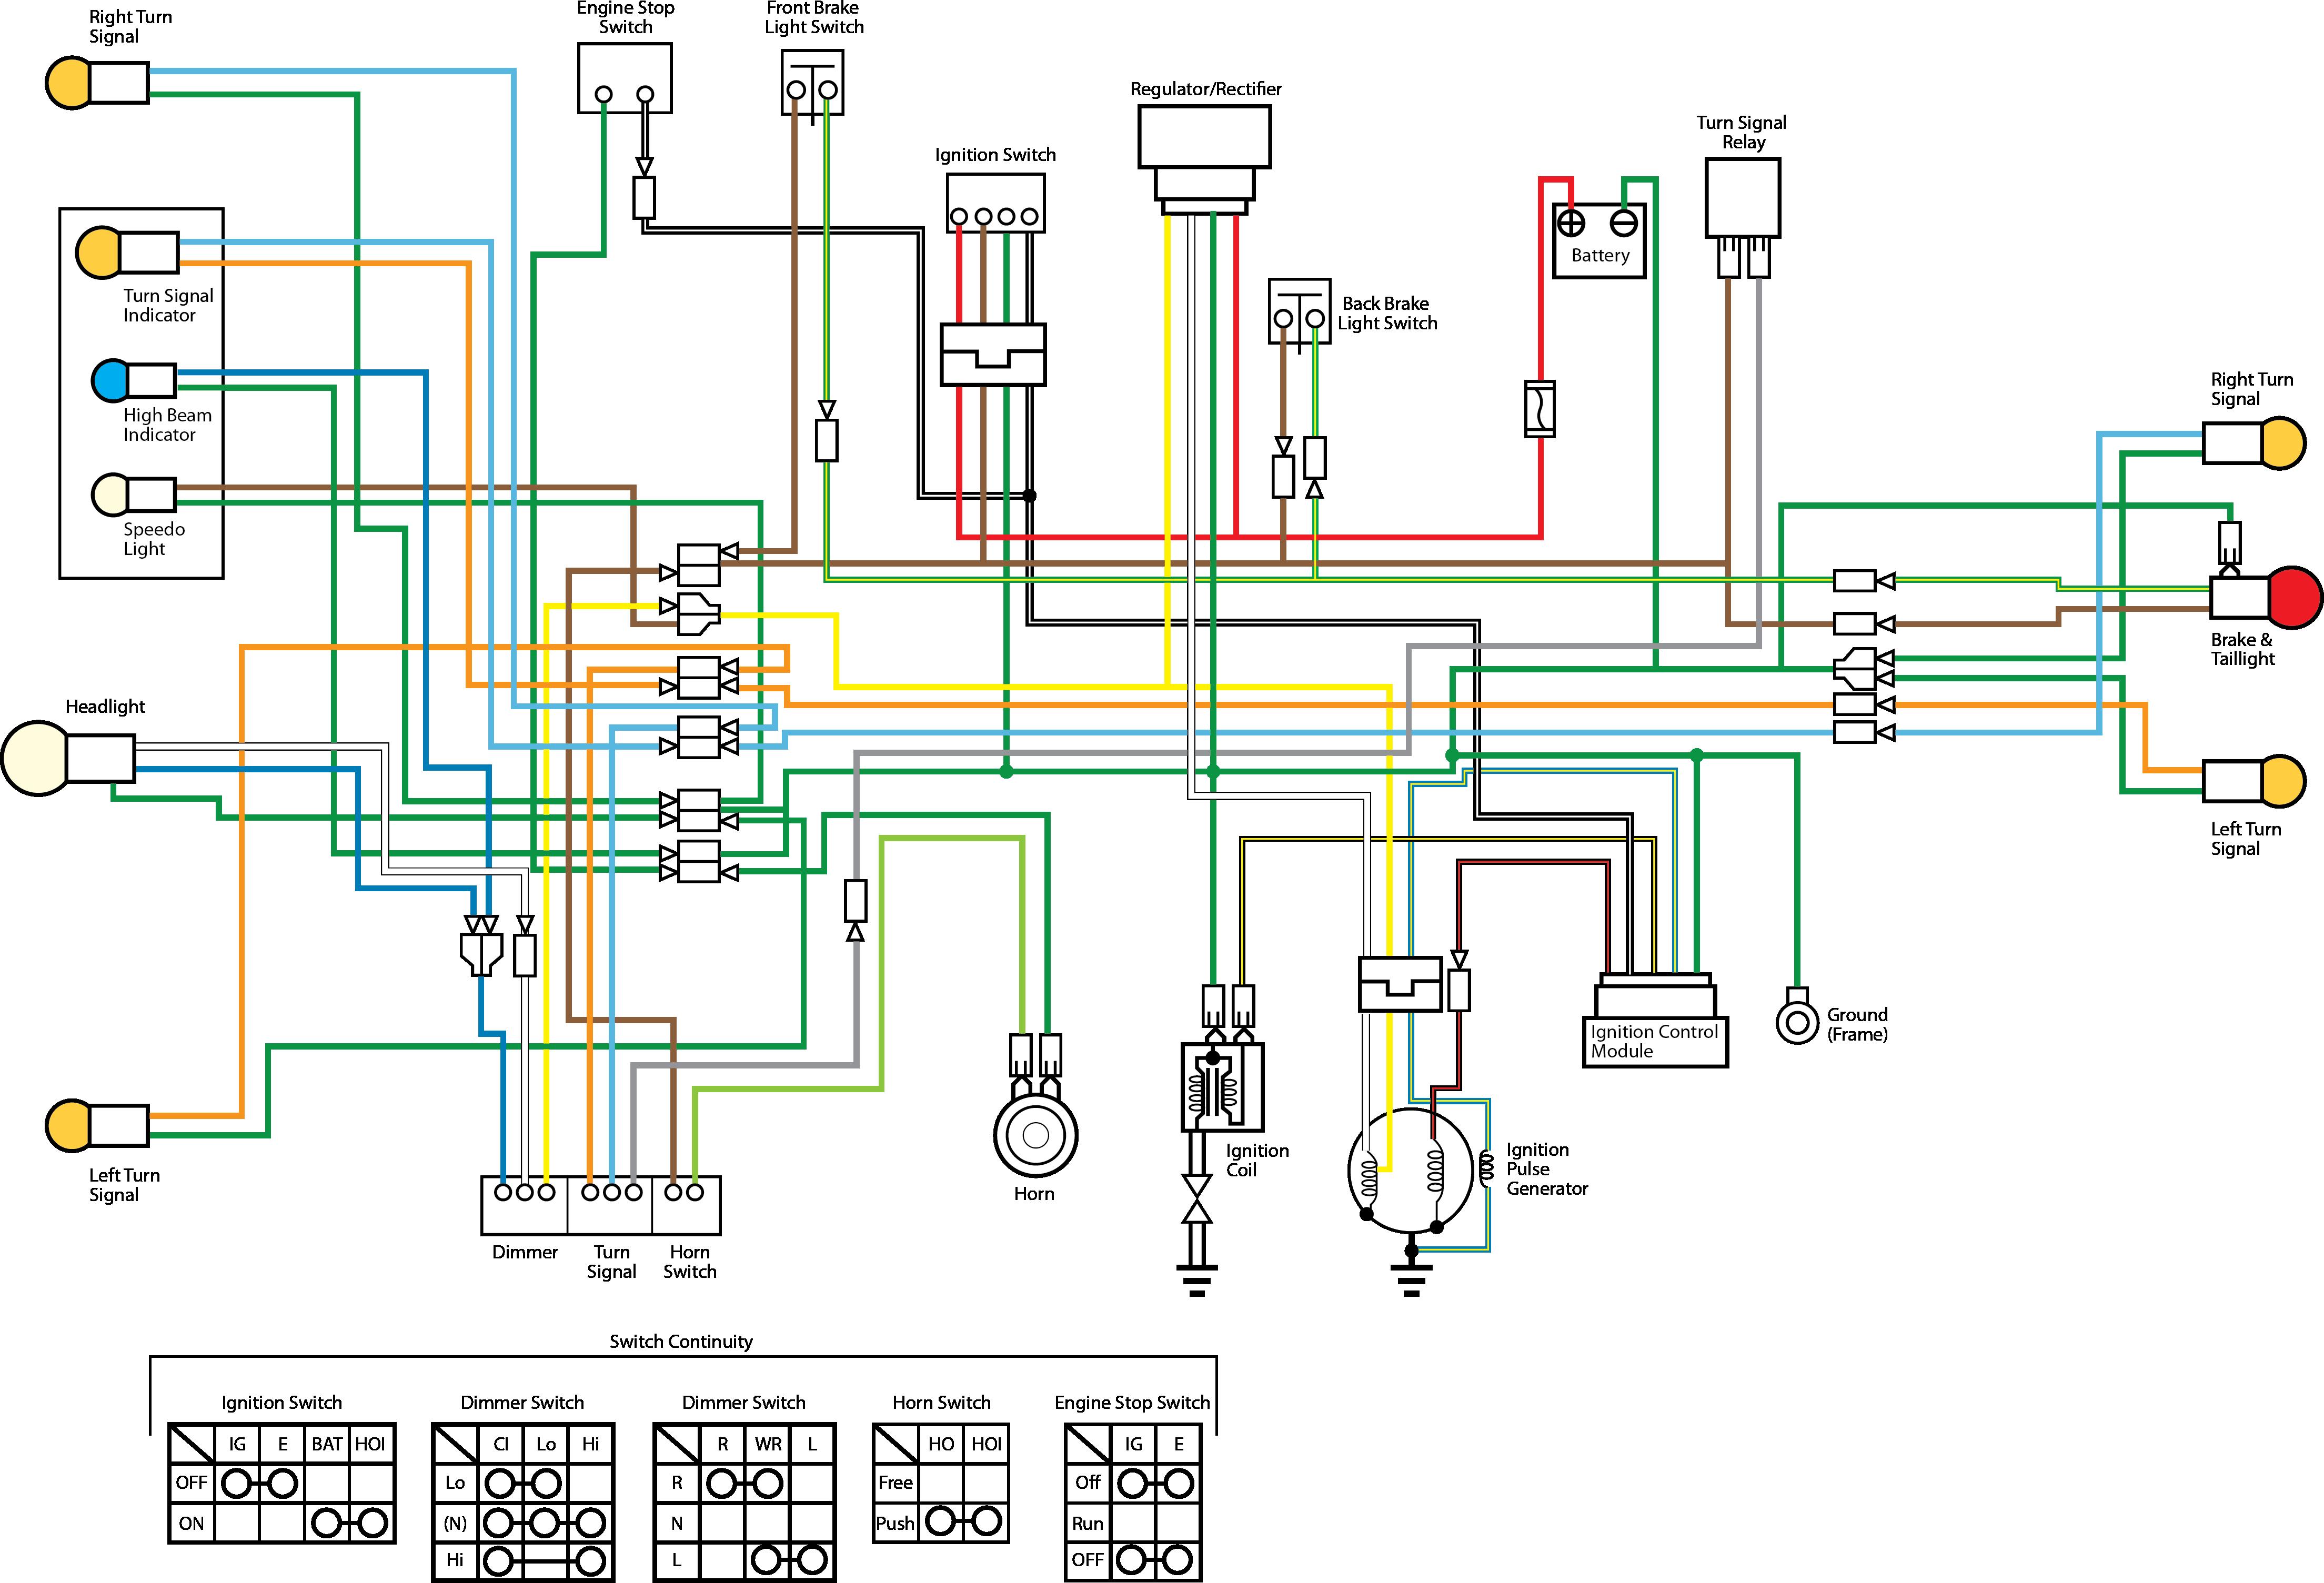 honda foreman wiring schematic honda auto wiring diagram schematic wiring diagram for honda rubicon wiring home wiring diagrams on honda foreman wiring schematic